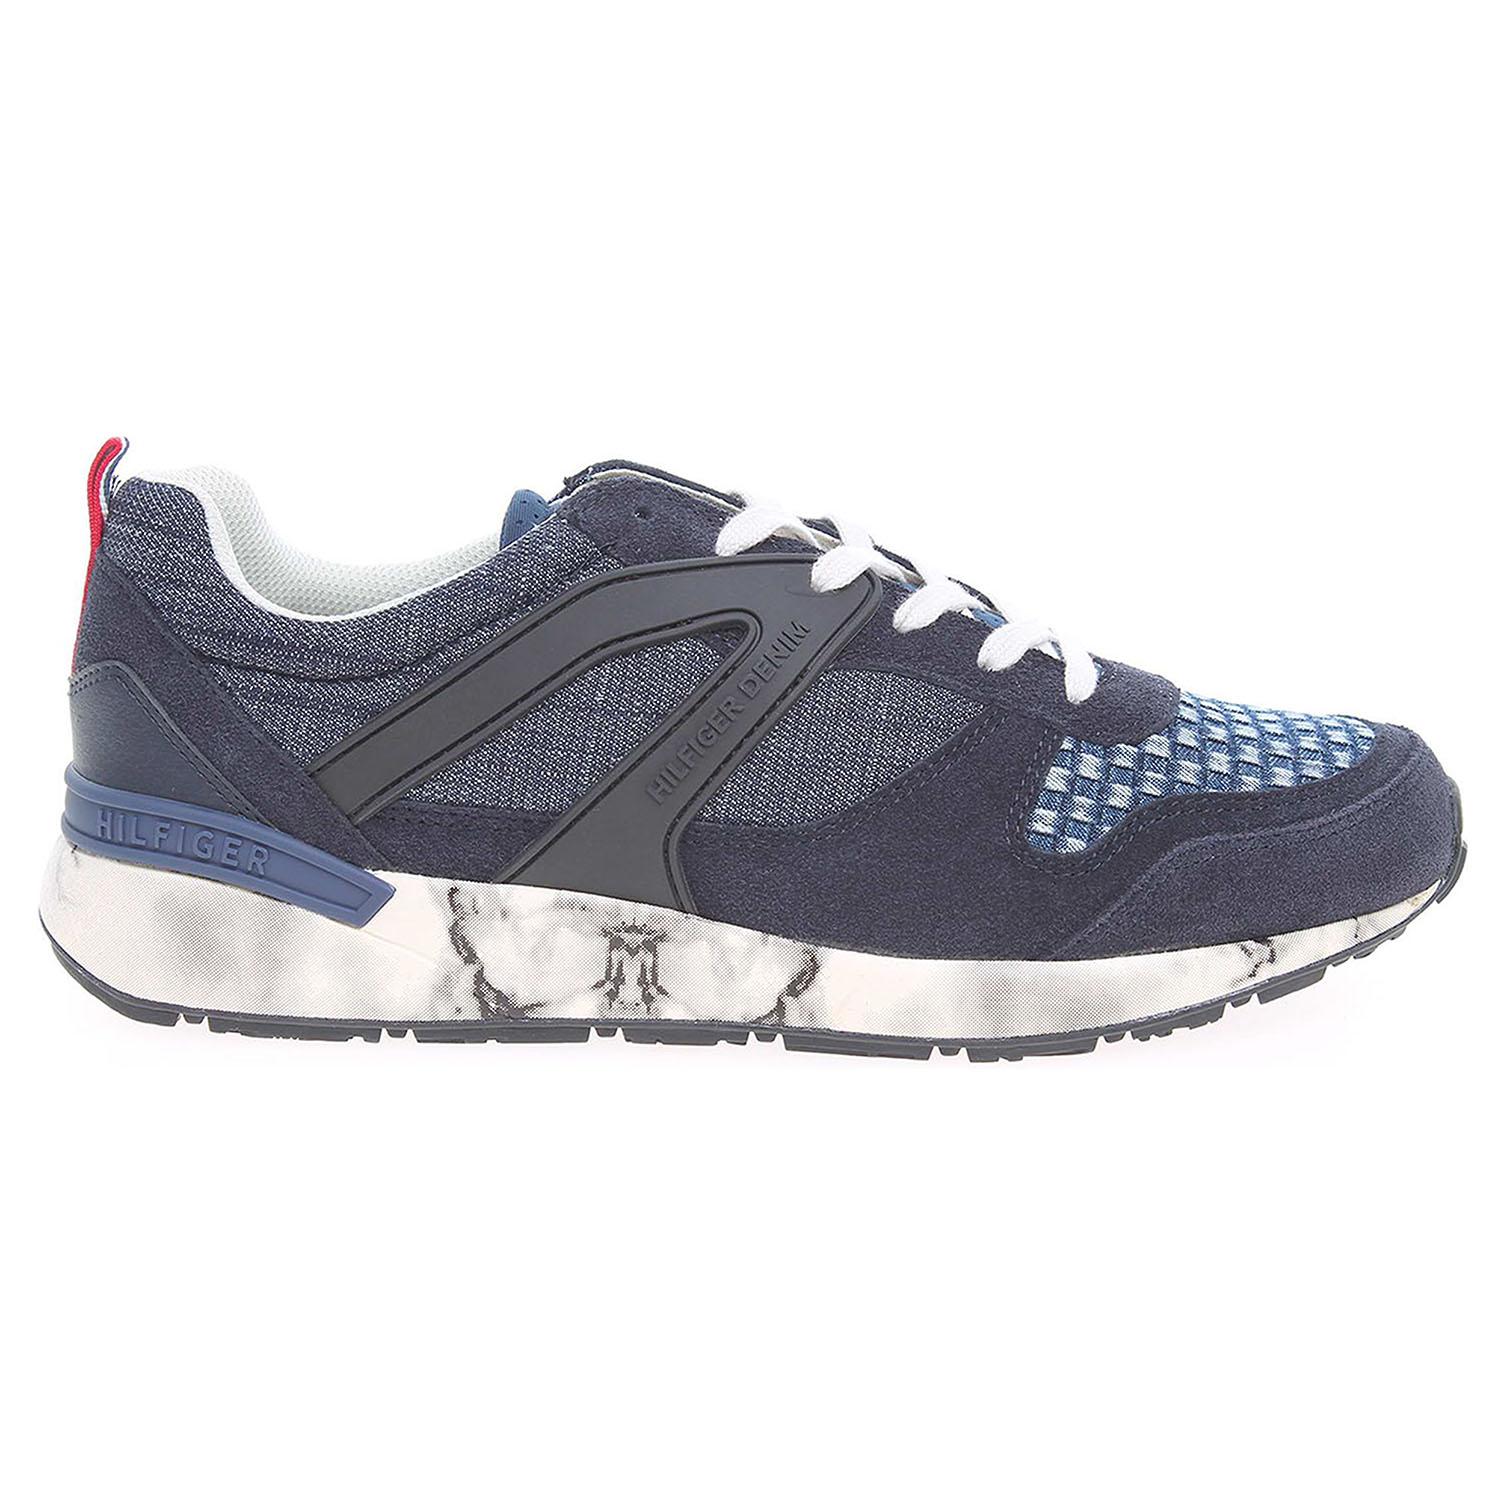 Tommy Hilfiger pánská obuv FM0FM00545 t2285rack 2c4 modrá 46